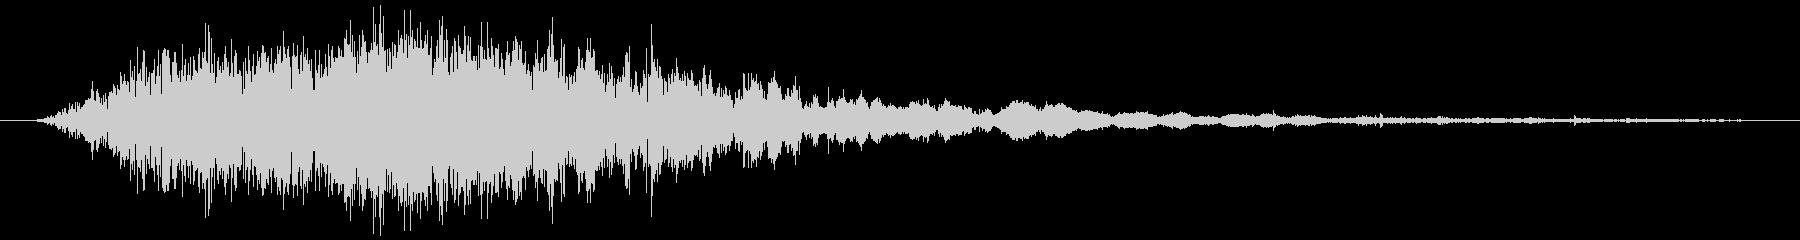 斬撃音(刀や剣で斬る/刺す効果音)07の未再生の波形